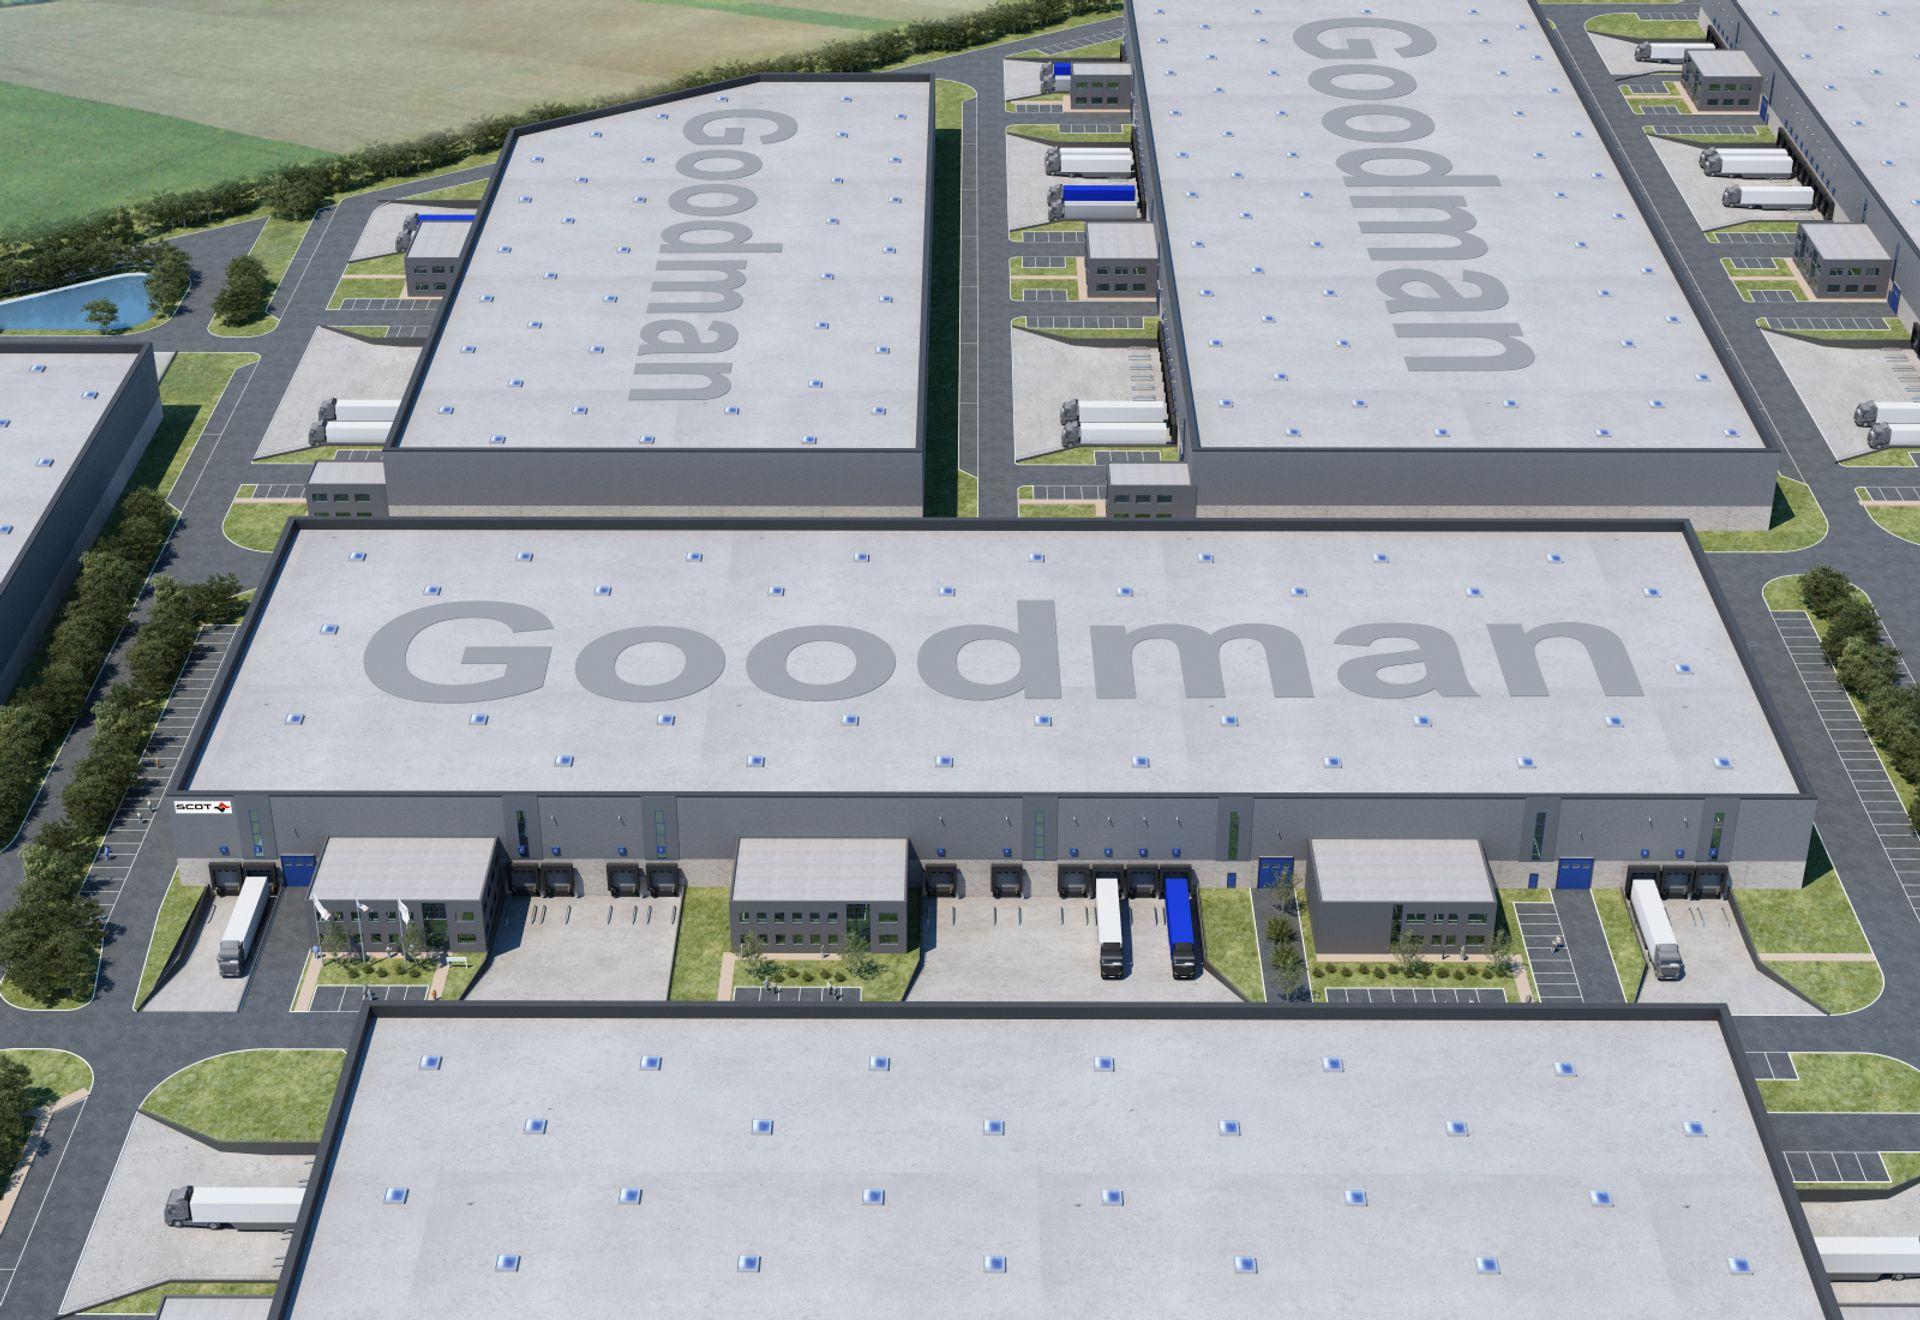 [Kraków] Centrum logistyczne od Goodmana